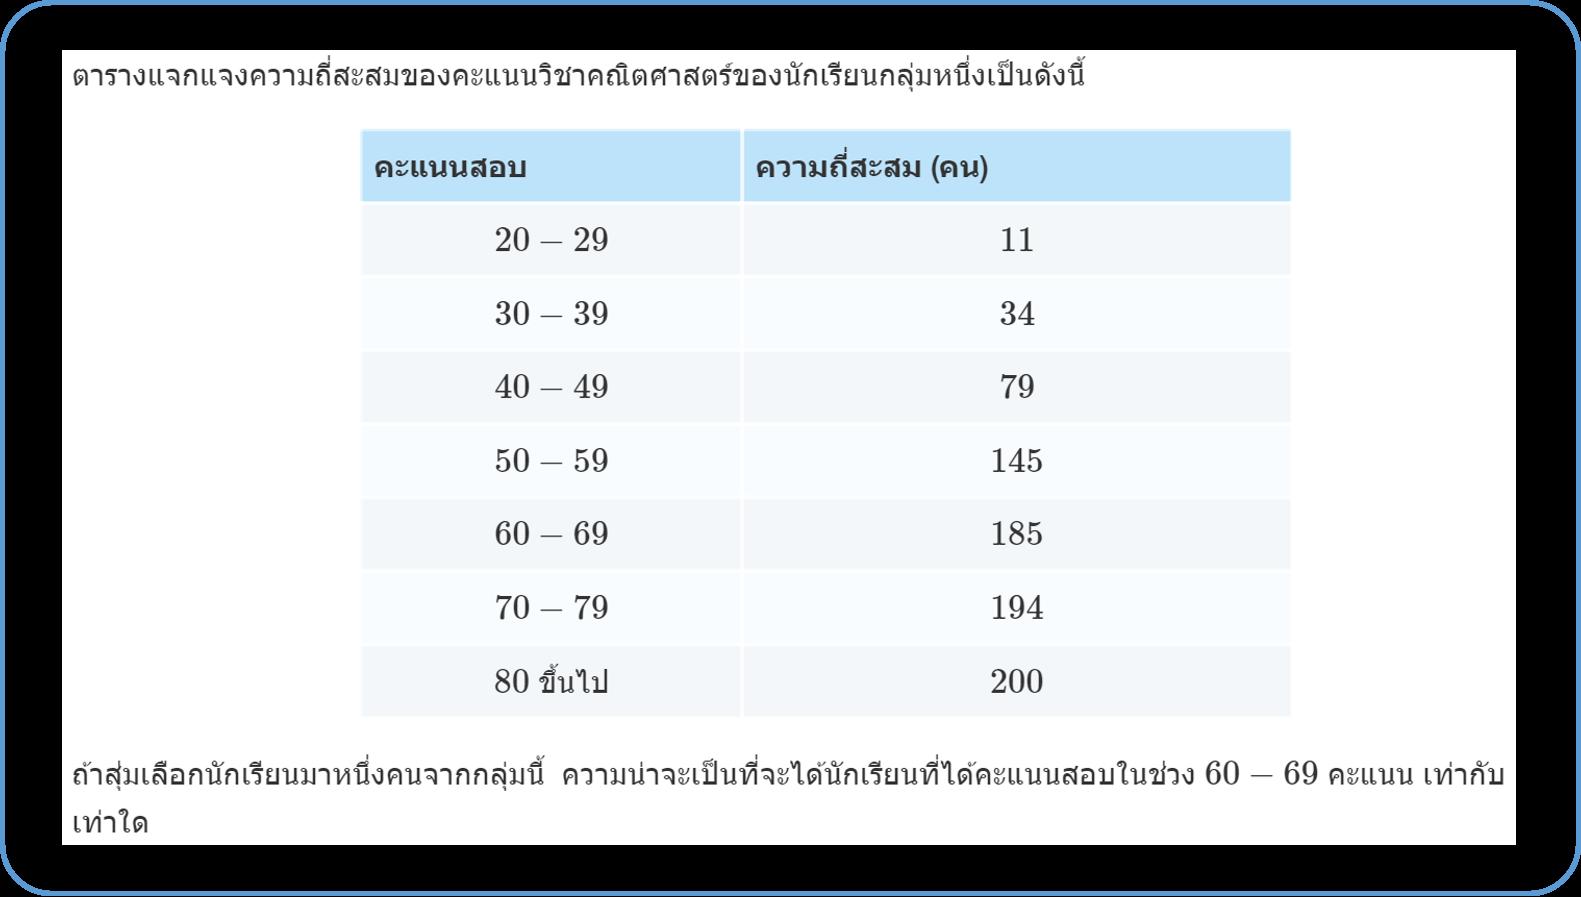 ข้อที่ 7 7วิชาสามัญ 56 (สถิติ)